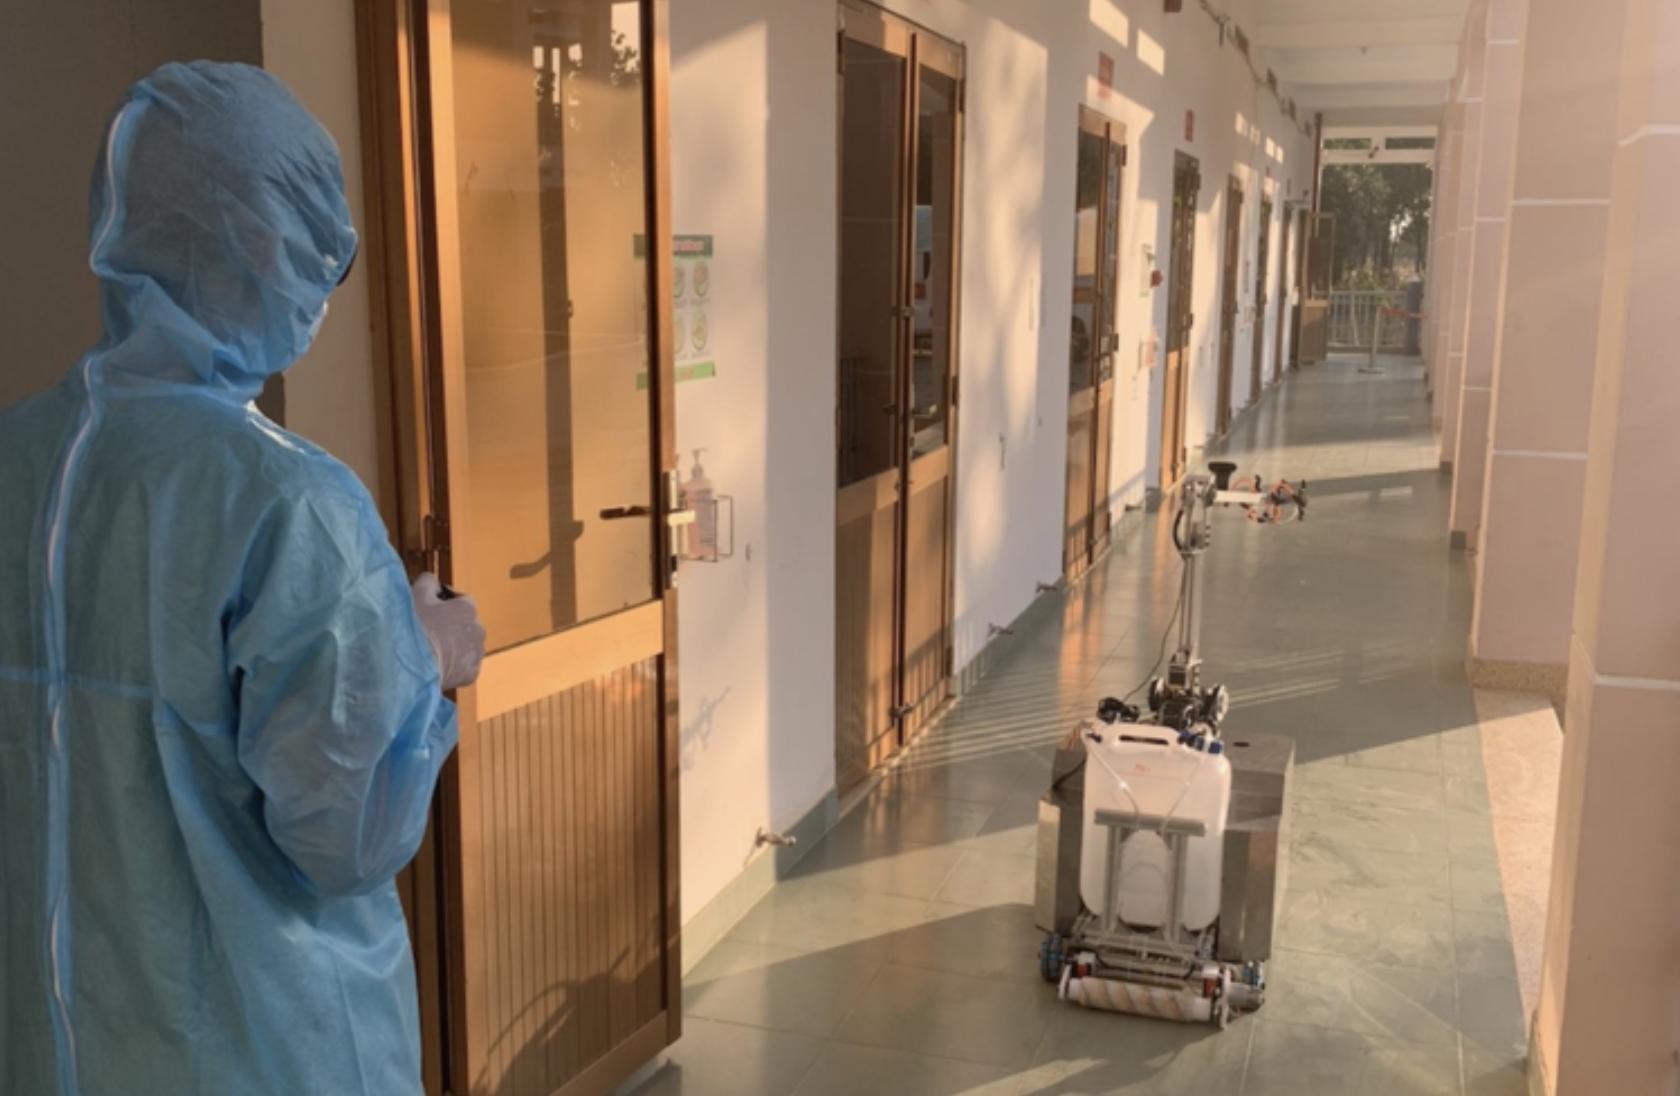 TP.HCM: Bệnh viện điều trị Covid-19 đưa robot khử khuẩn phòng cách ly vào hoạt động thay bác sĩ - Ảnh 2.